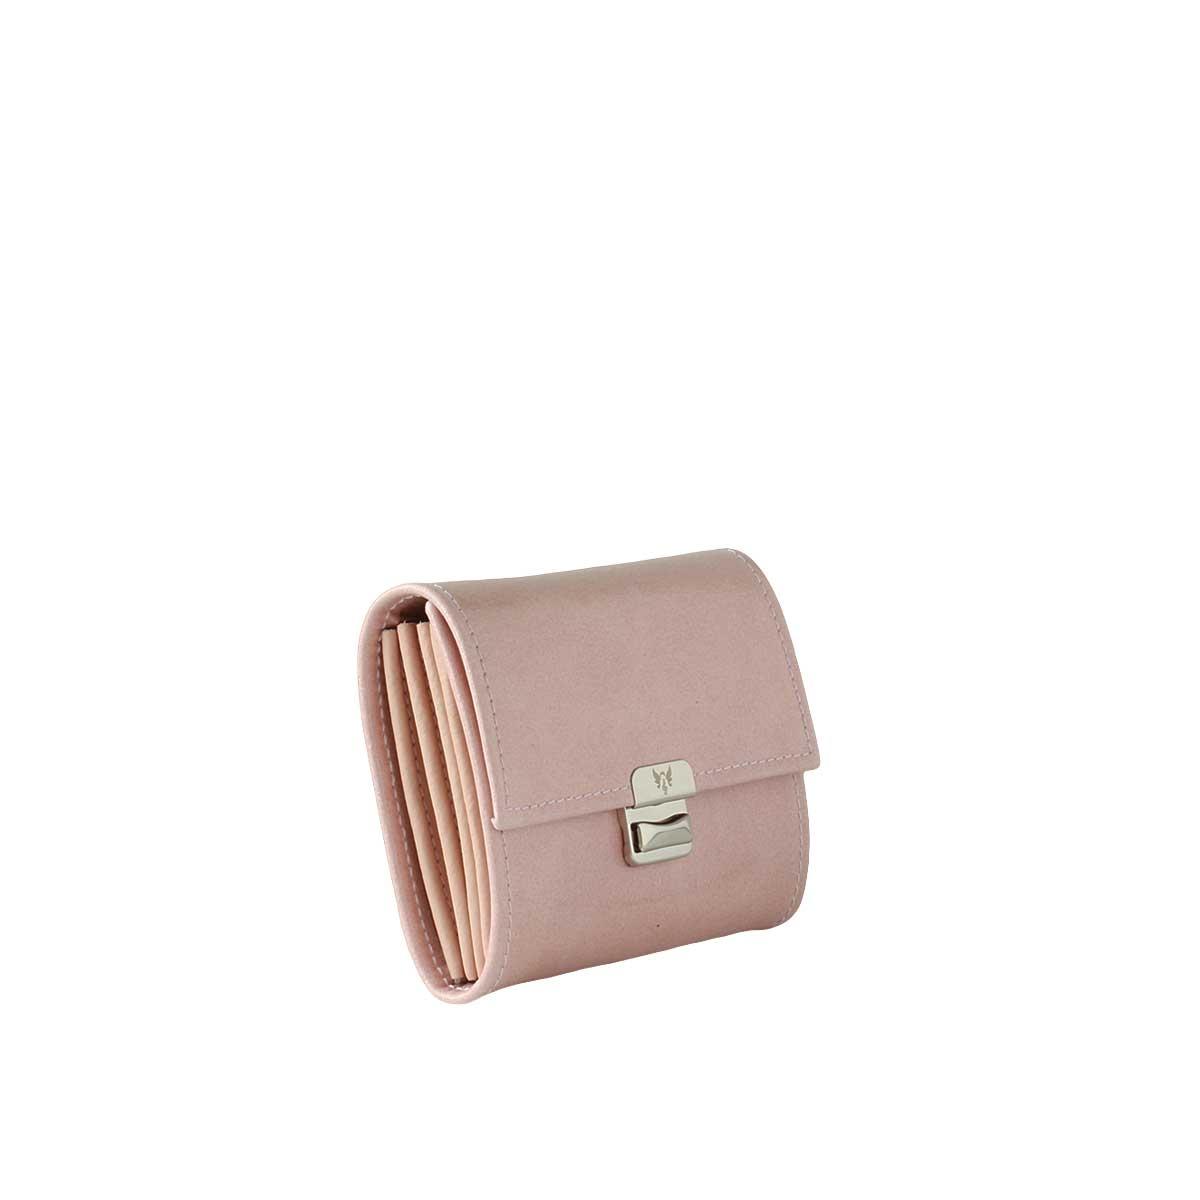 Kleines Leder Portemonnaie Blush Glanz S